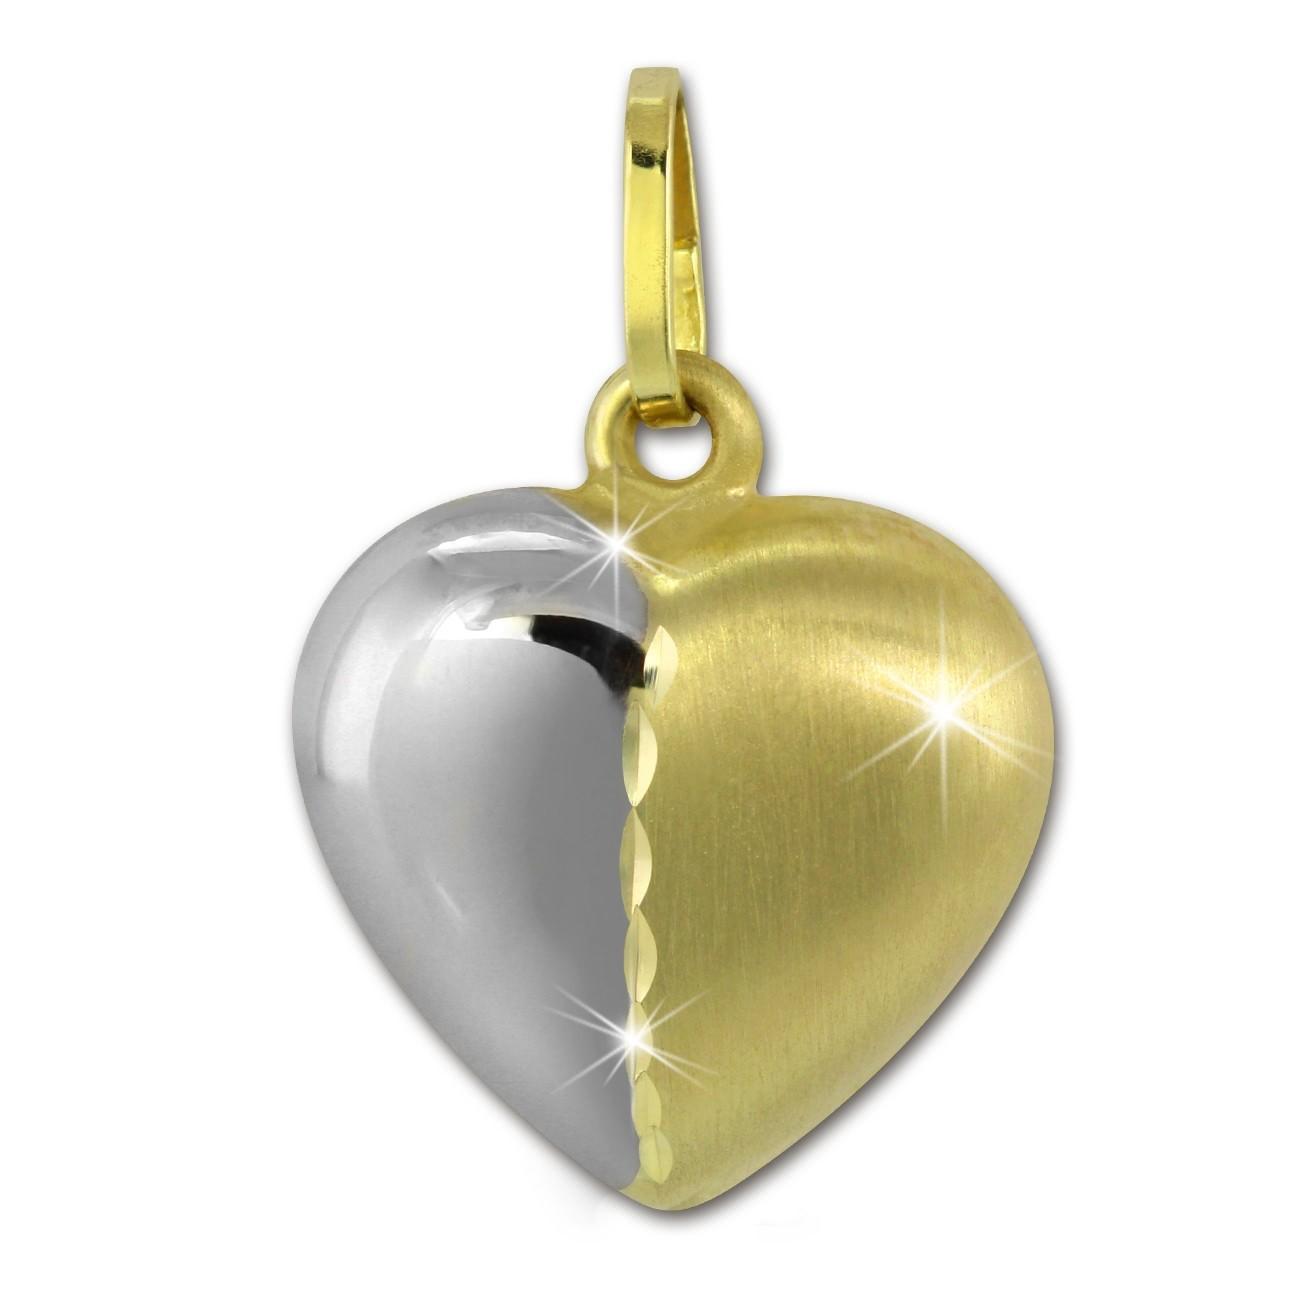 SilberDream Kettenanhänger Herz zweifarbig 375er Gelbgold Echtschmuck GDH004Y